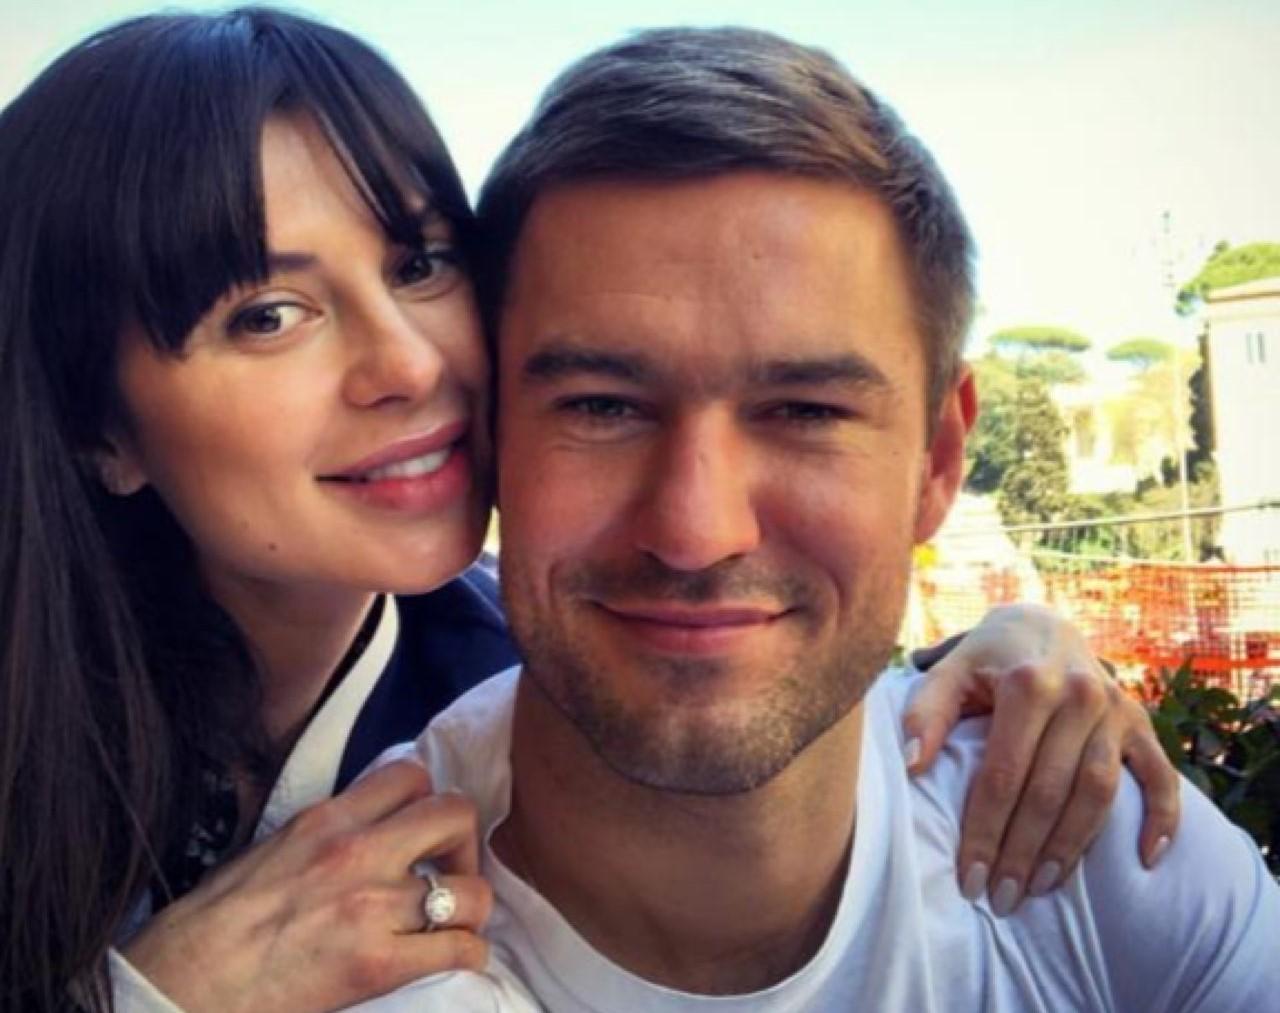 Экс-невеста Тимати Мила Волчек впервые стала мамой!